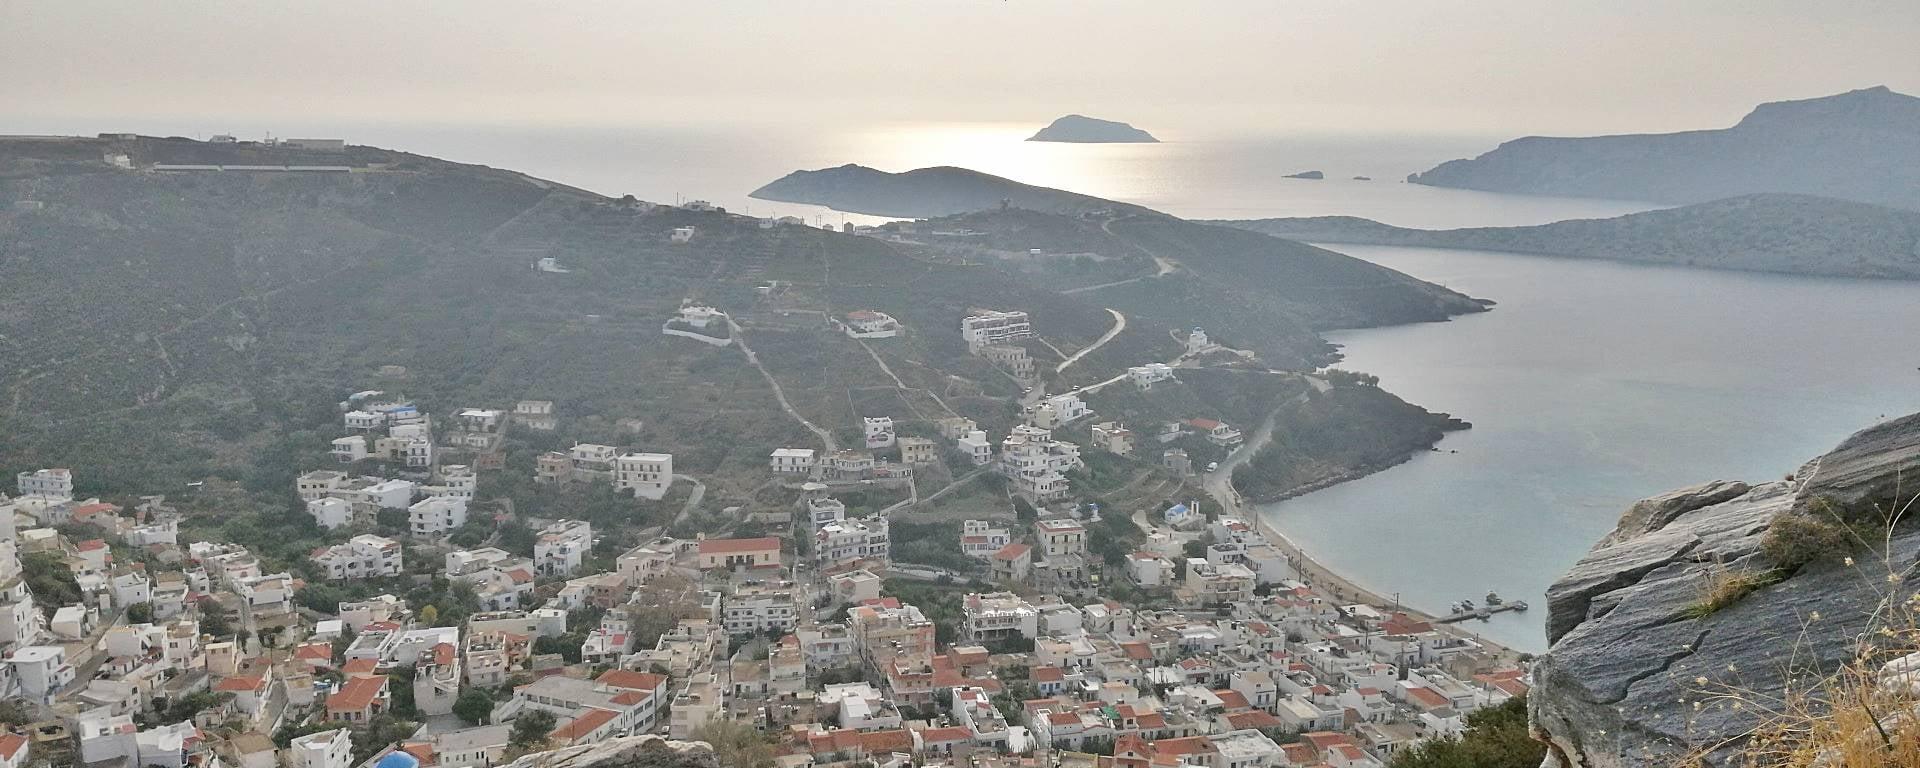 Φούρνοι: Αποδράστε στο νησί των Κουρσάρων (ρεπορτάζ μαθητών)